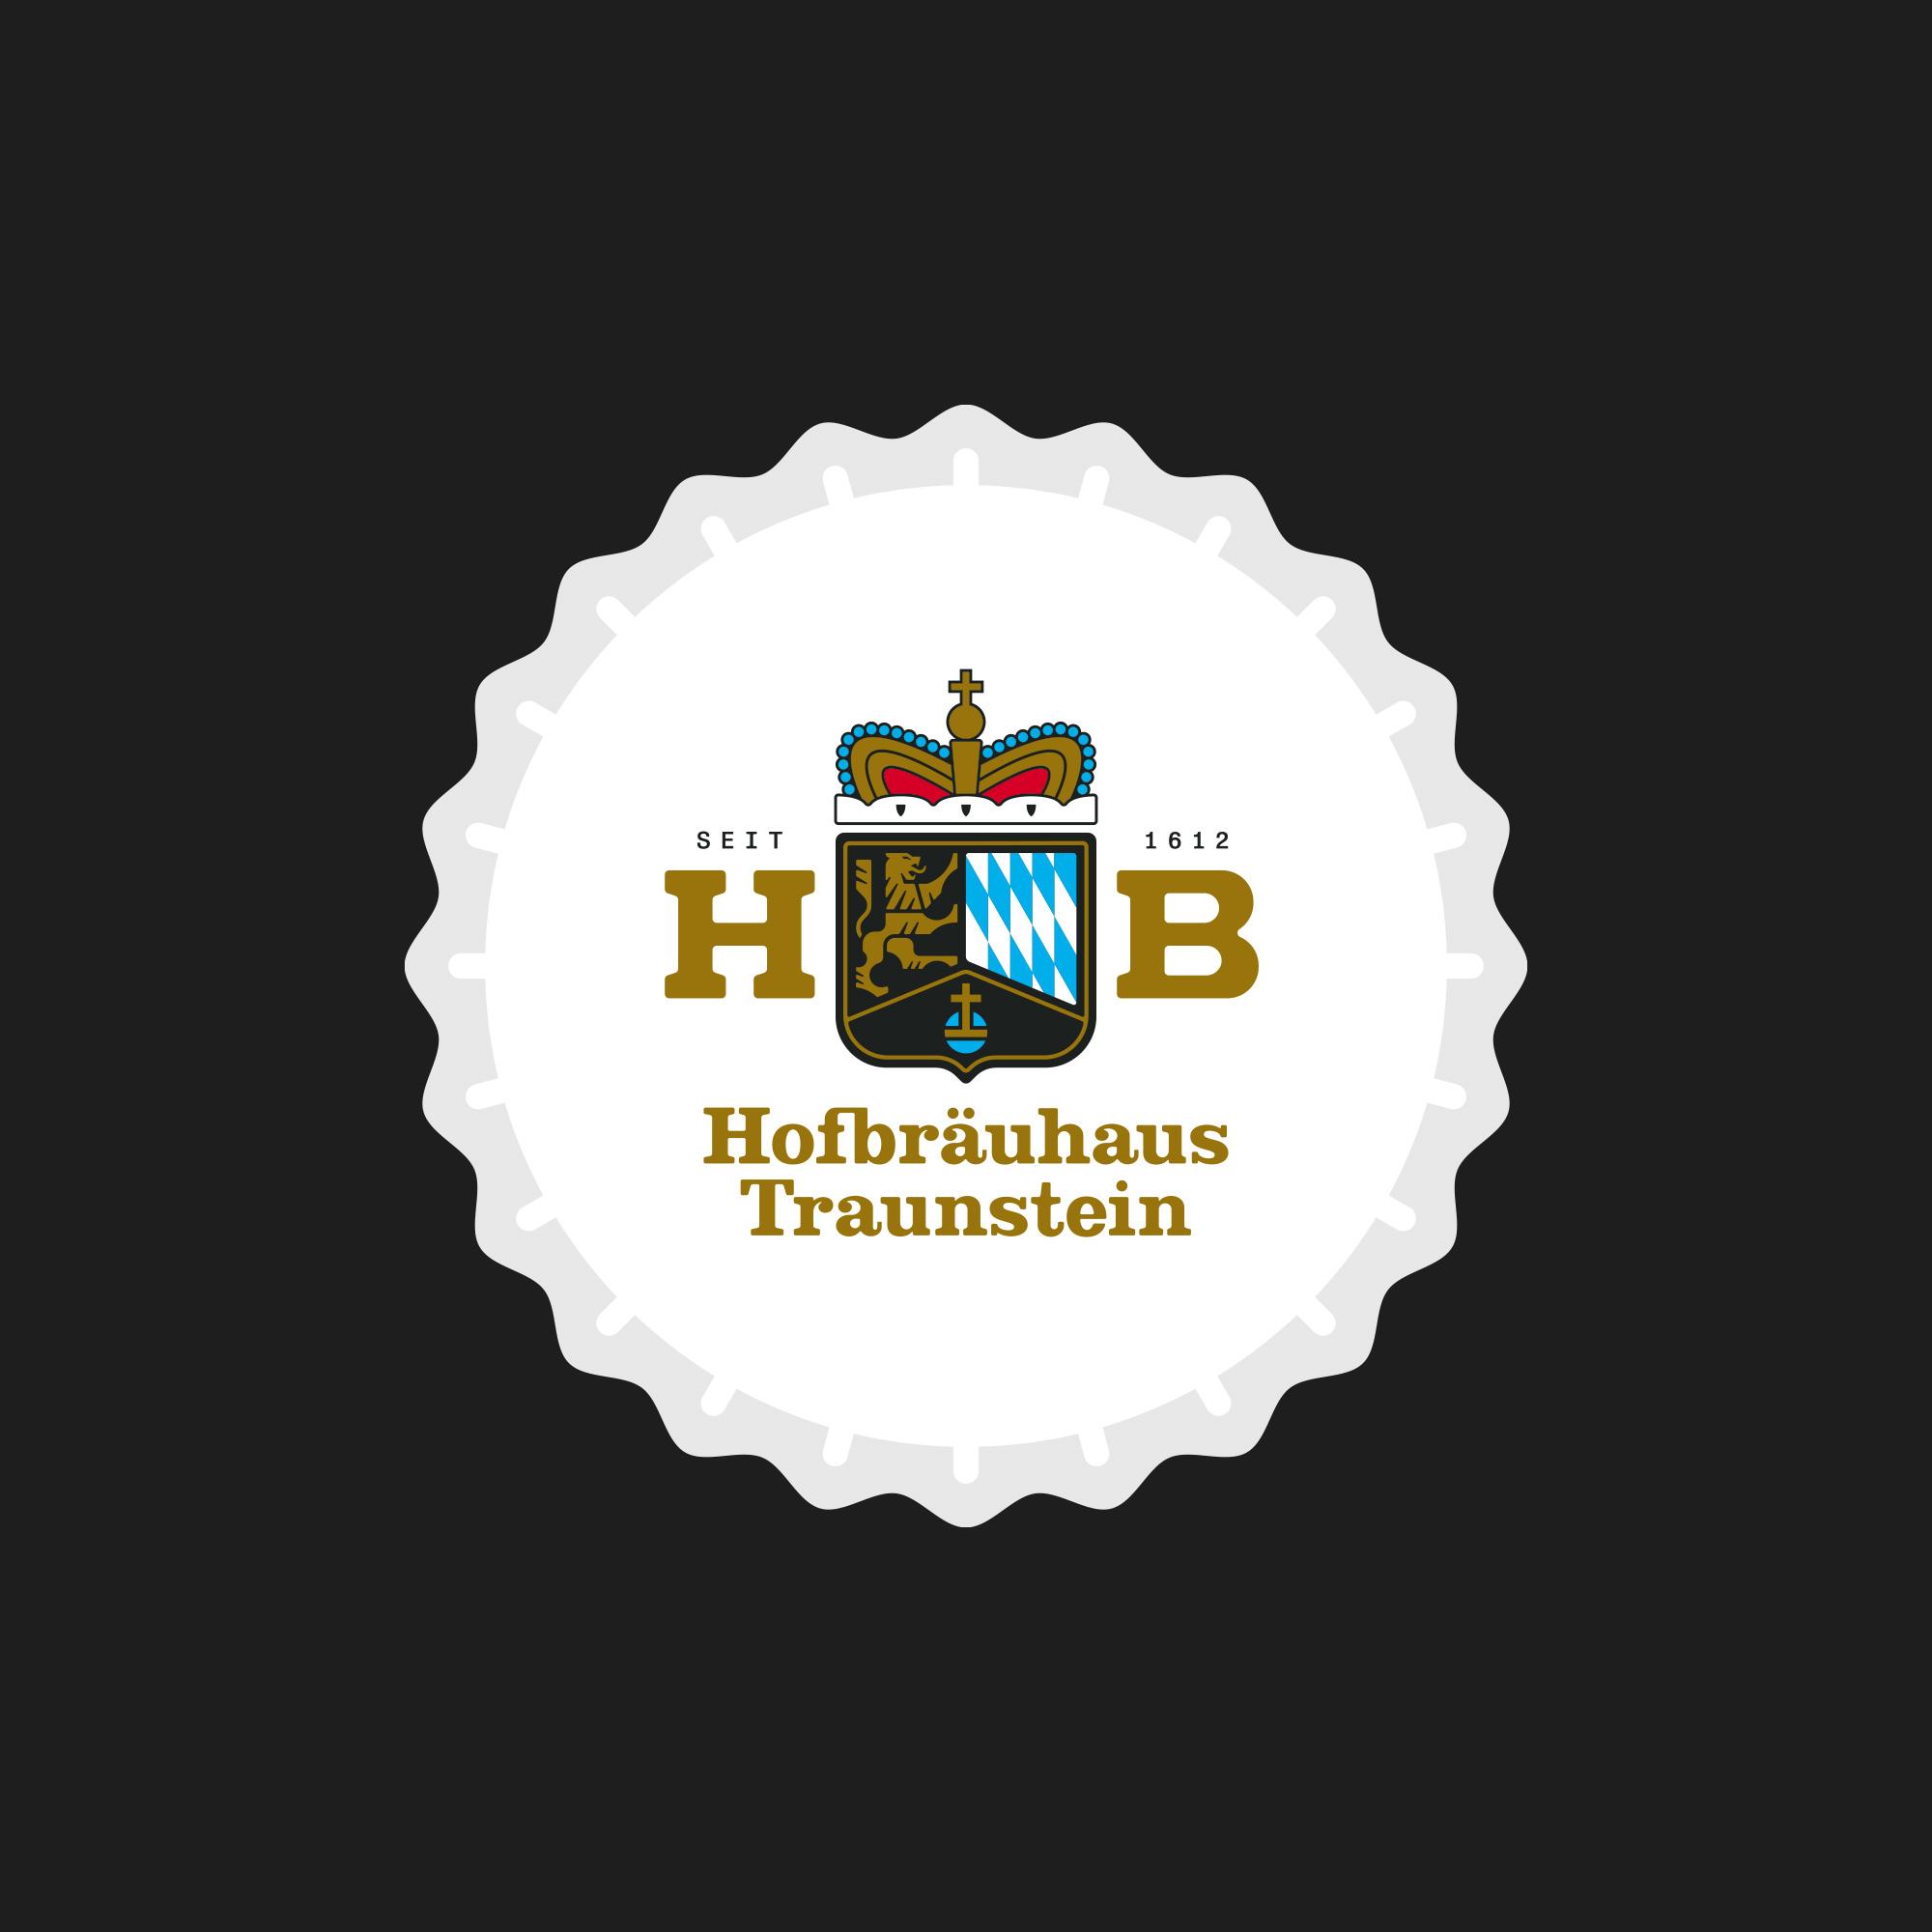 HB_Traunstien_4